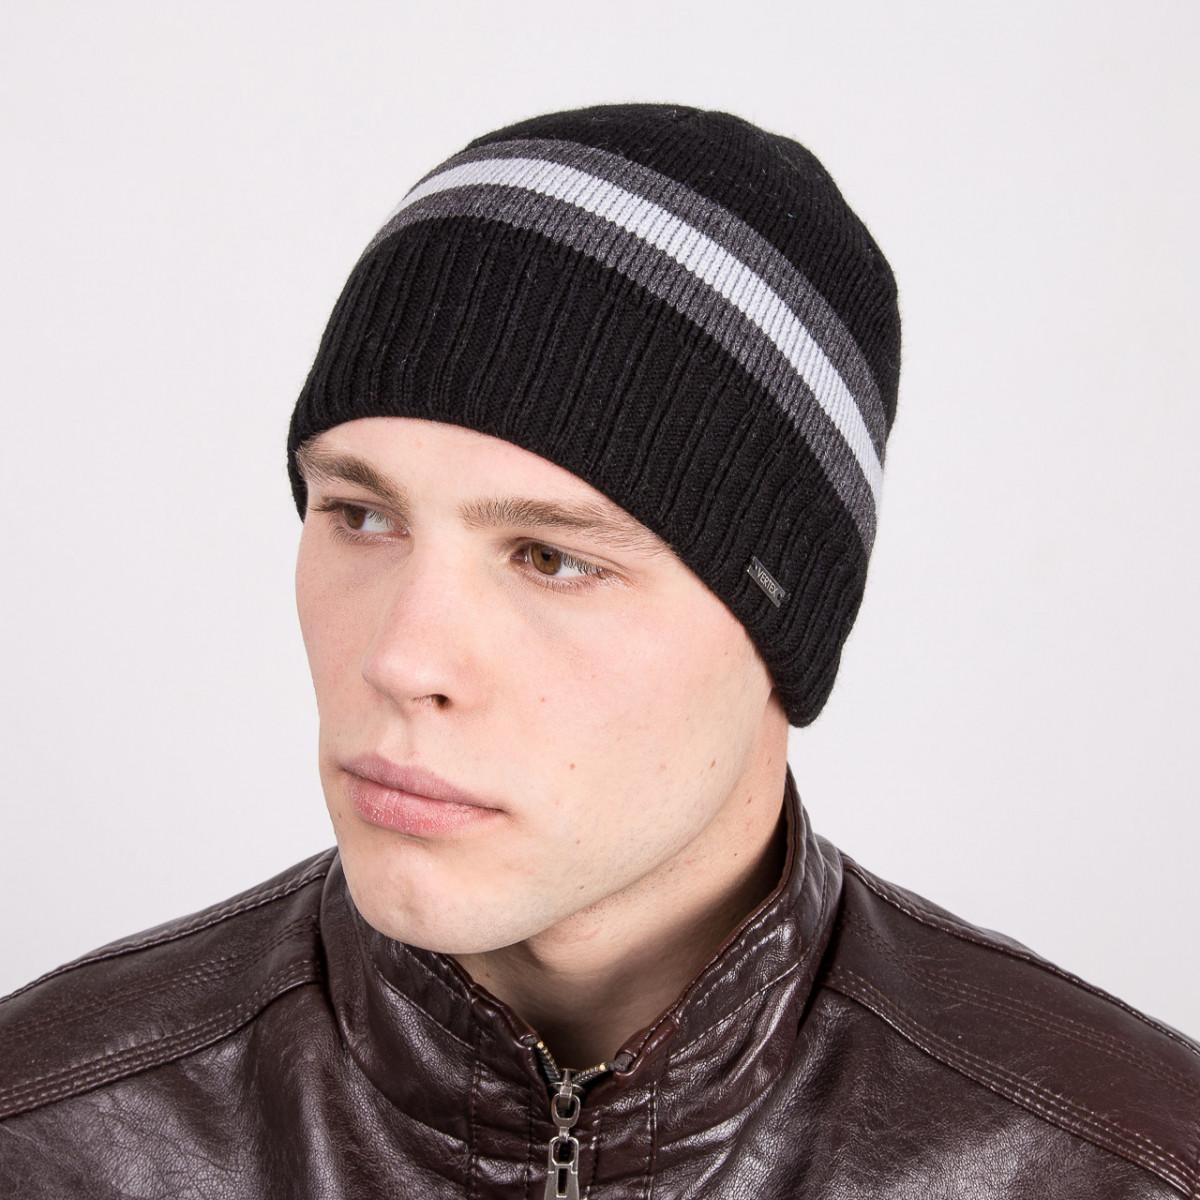 Зимняя вязаная мужская шапка в полоску - Артикул m2a